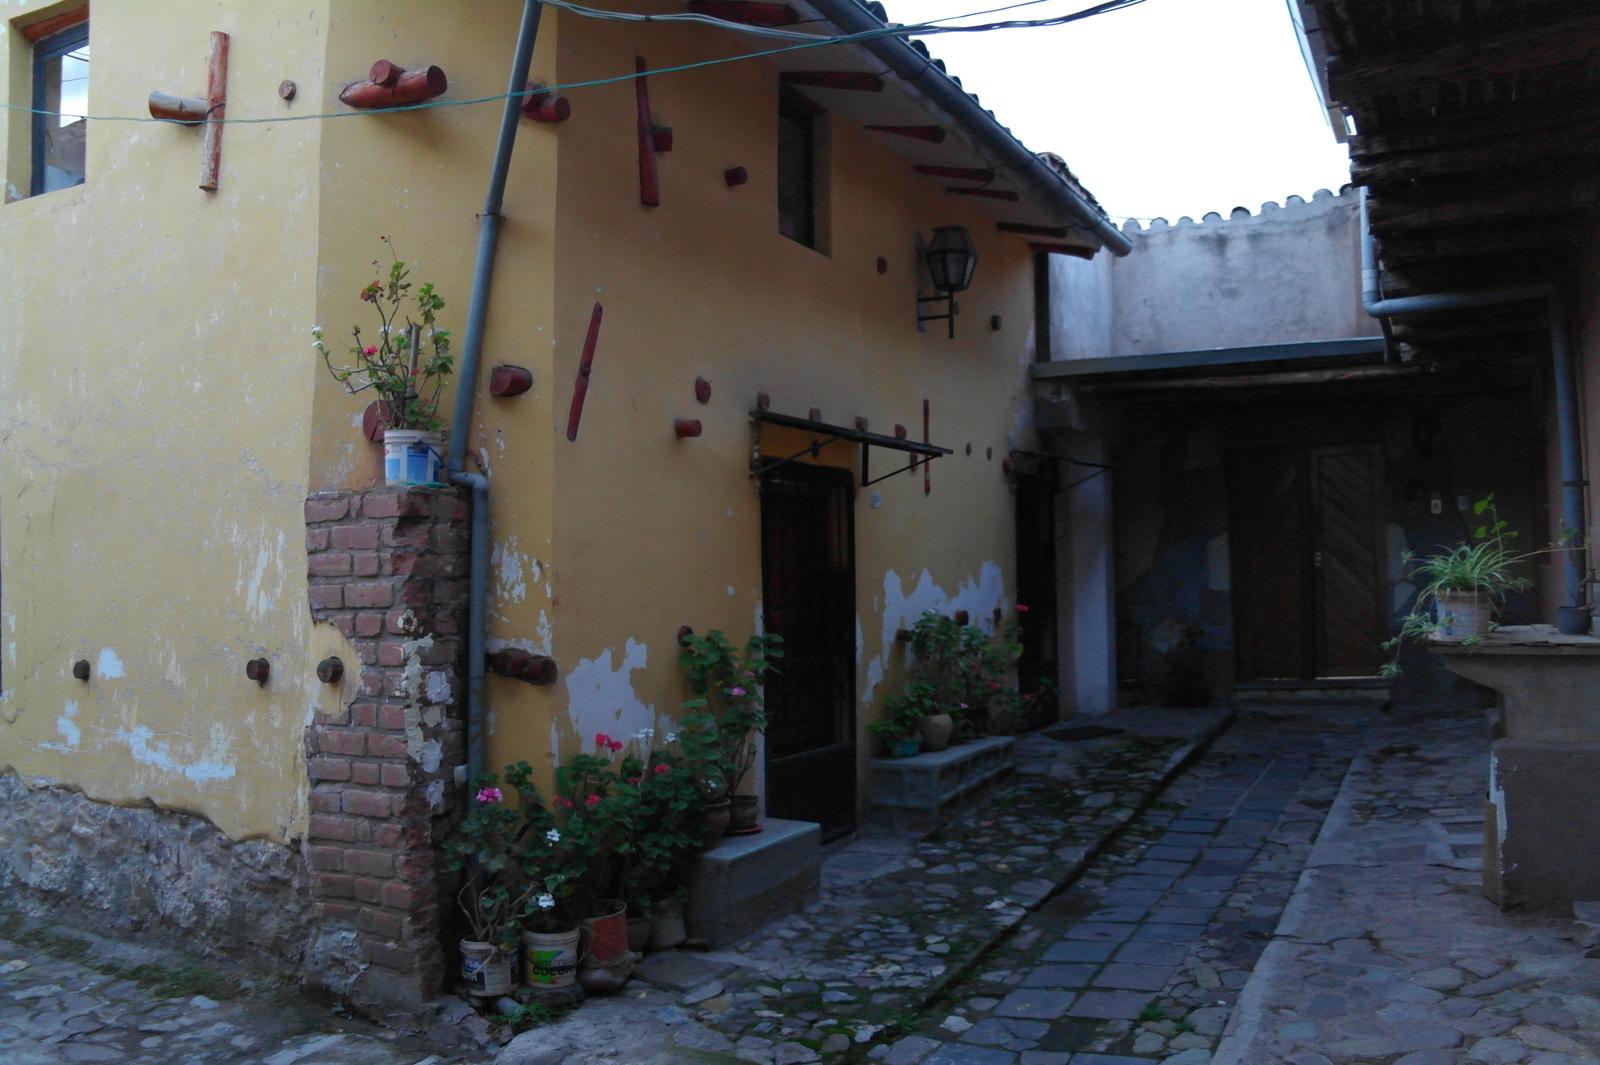 16 een gangetje door en zien weer een aantal woningen. Achter elke buitendeur aan de straat in deze oude binnenstad blijkt er haast een klein dorpje te zijn ontstaan